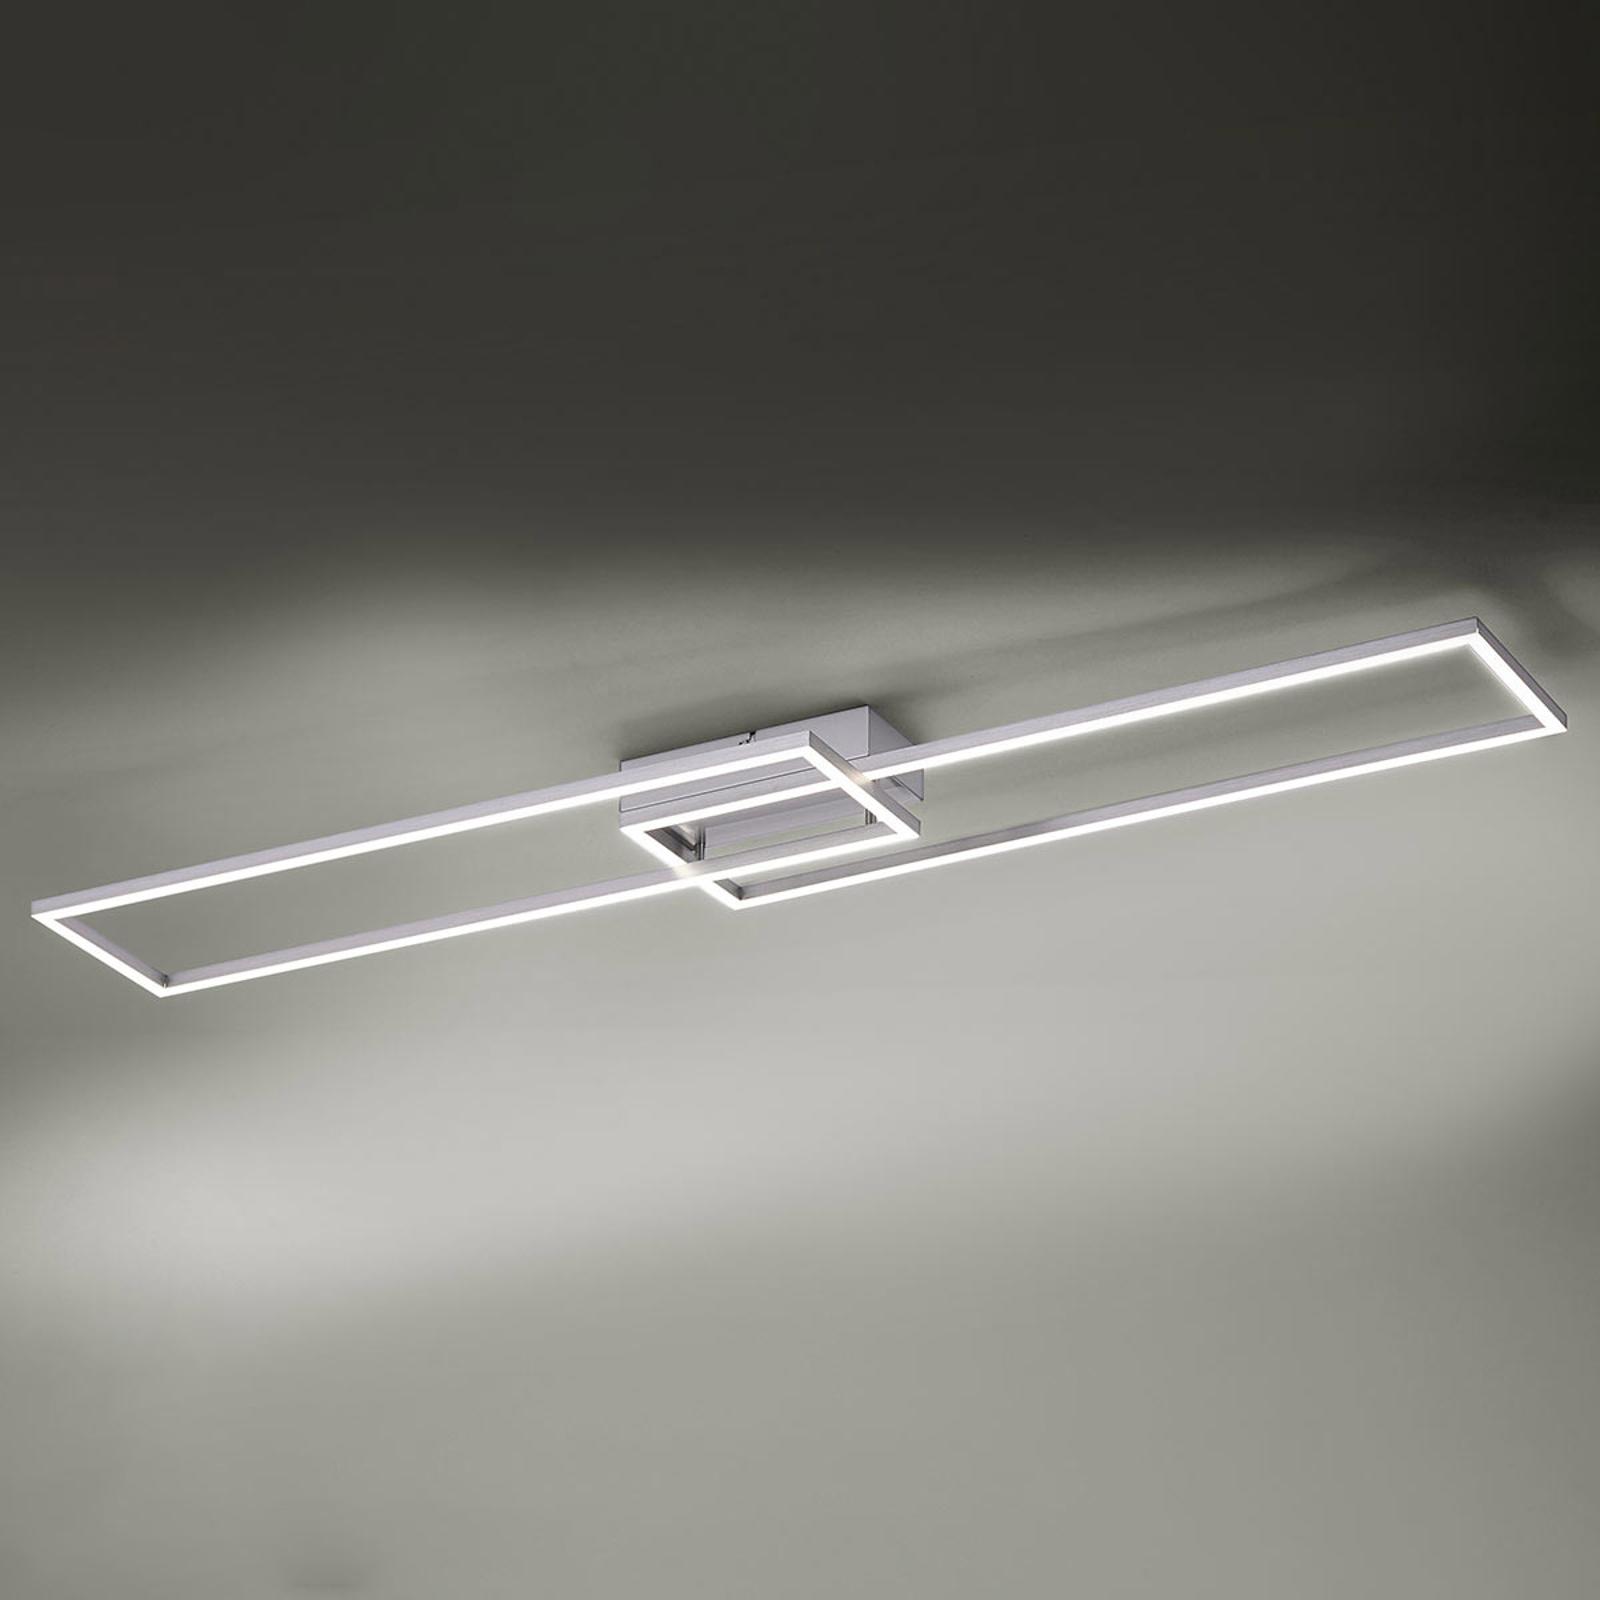 LED-Deckenleuchte Iven mit Fernbedienung 110 cm